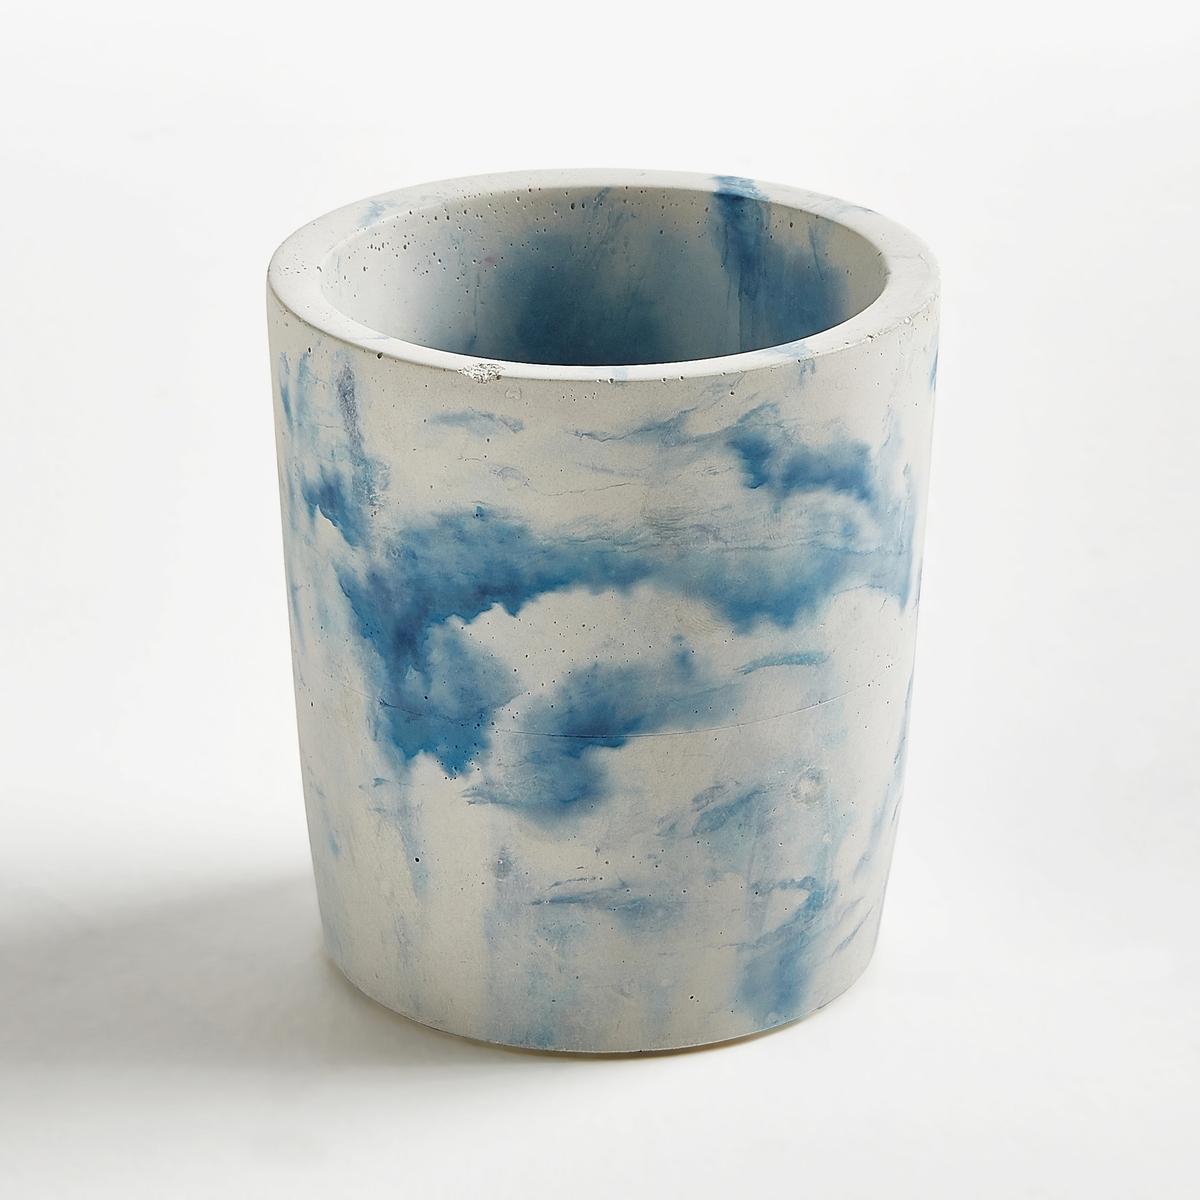 Кашпо под мрамор, диаметр 12 см, AngermanХарактеристики :- Из окрашенного бетона под мрамор- Ручная работа, каждый мраморный рисунок уникален.Размеры: - диаметр 12 x высота 13,5 см<br><br>Цвет: белый/ синий